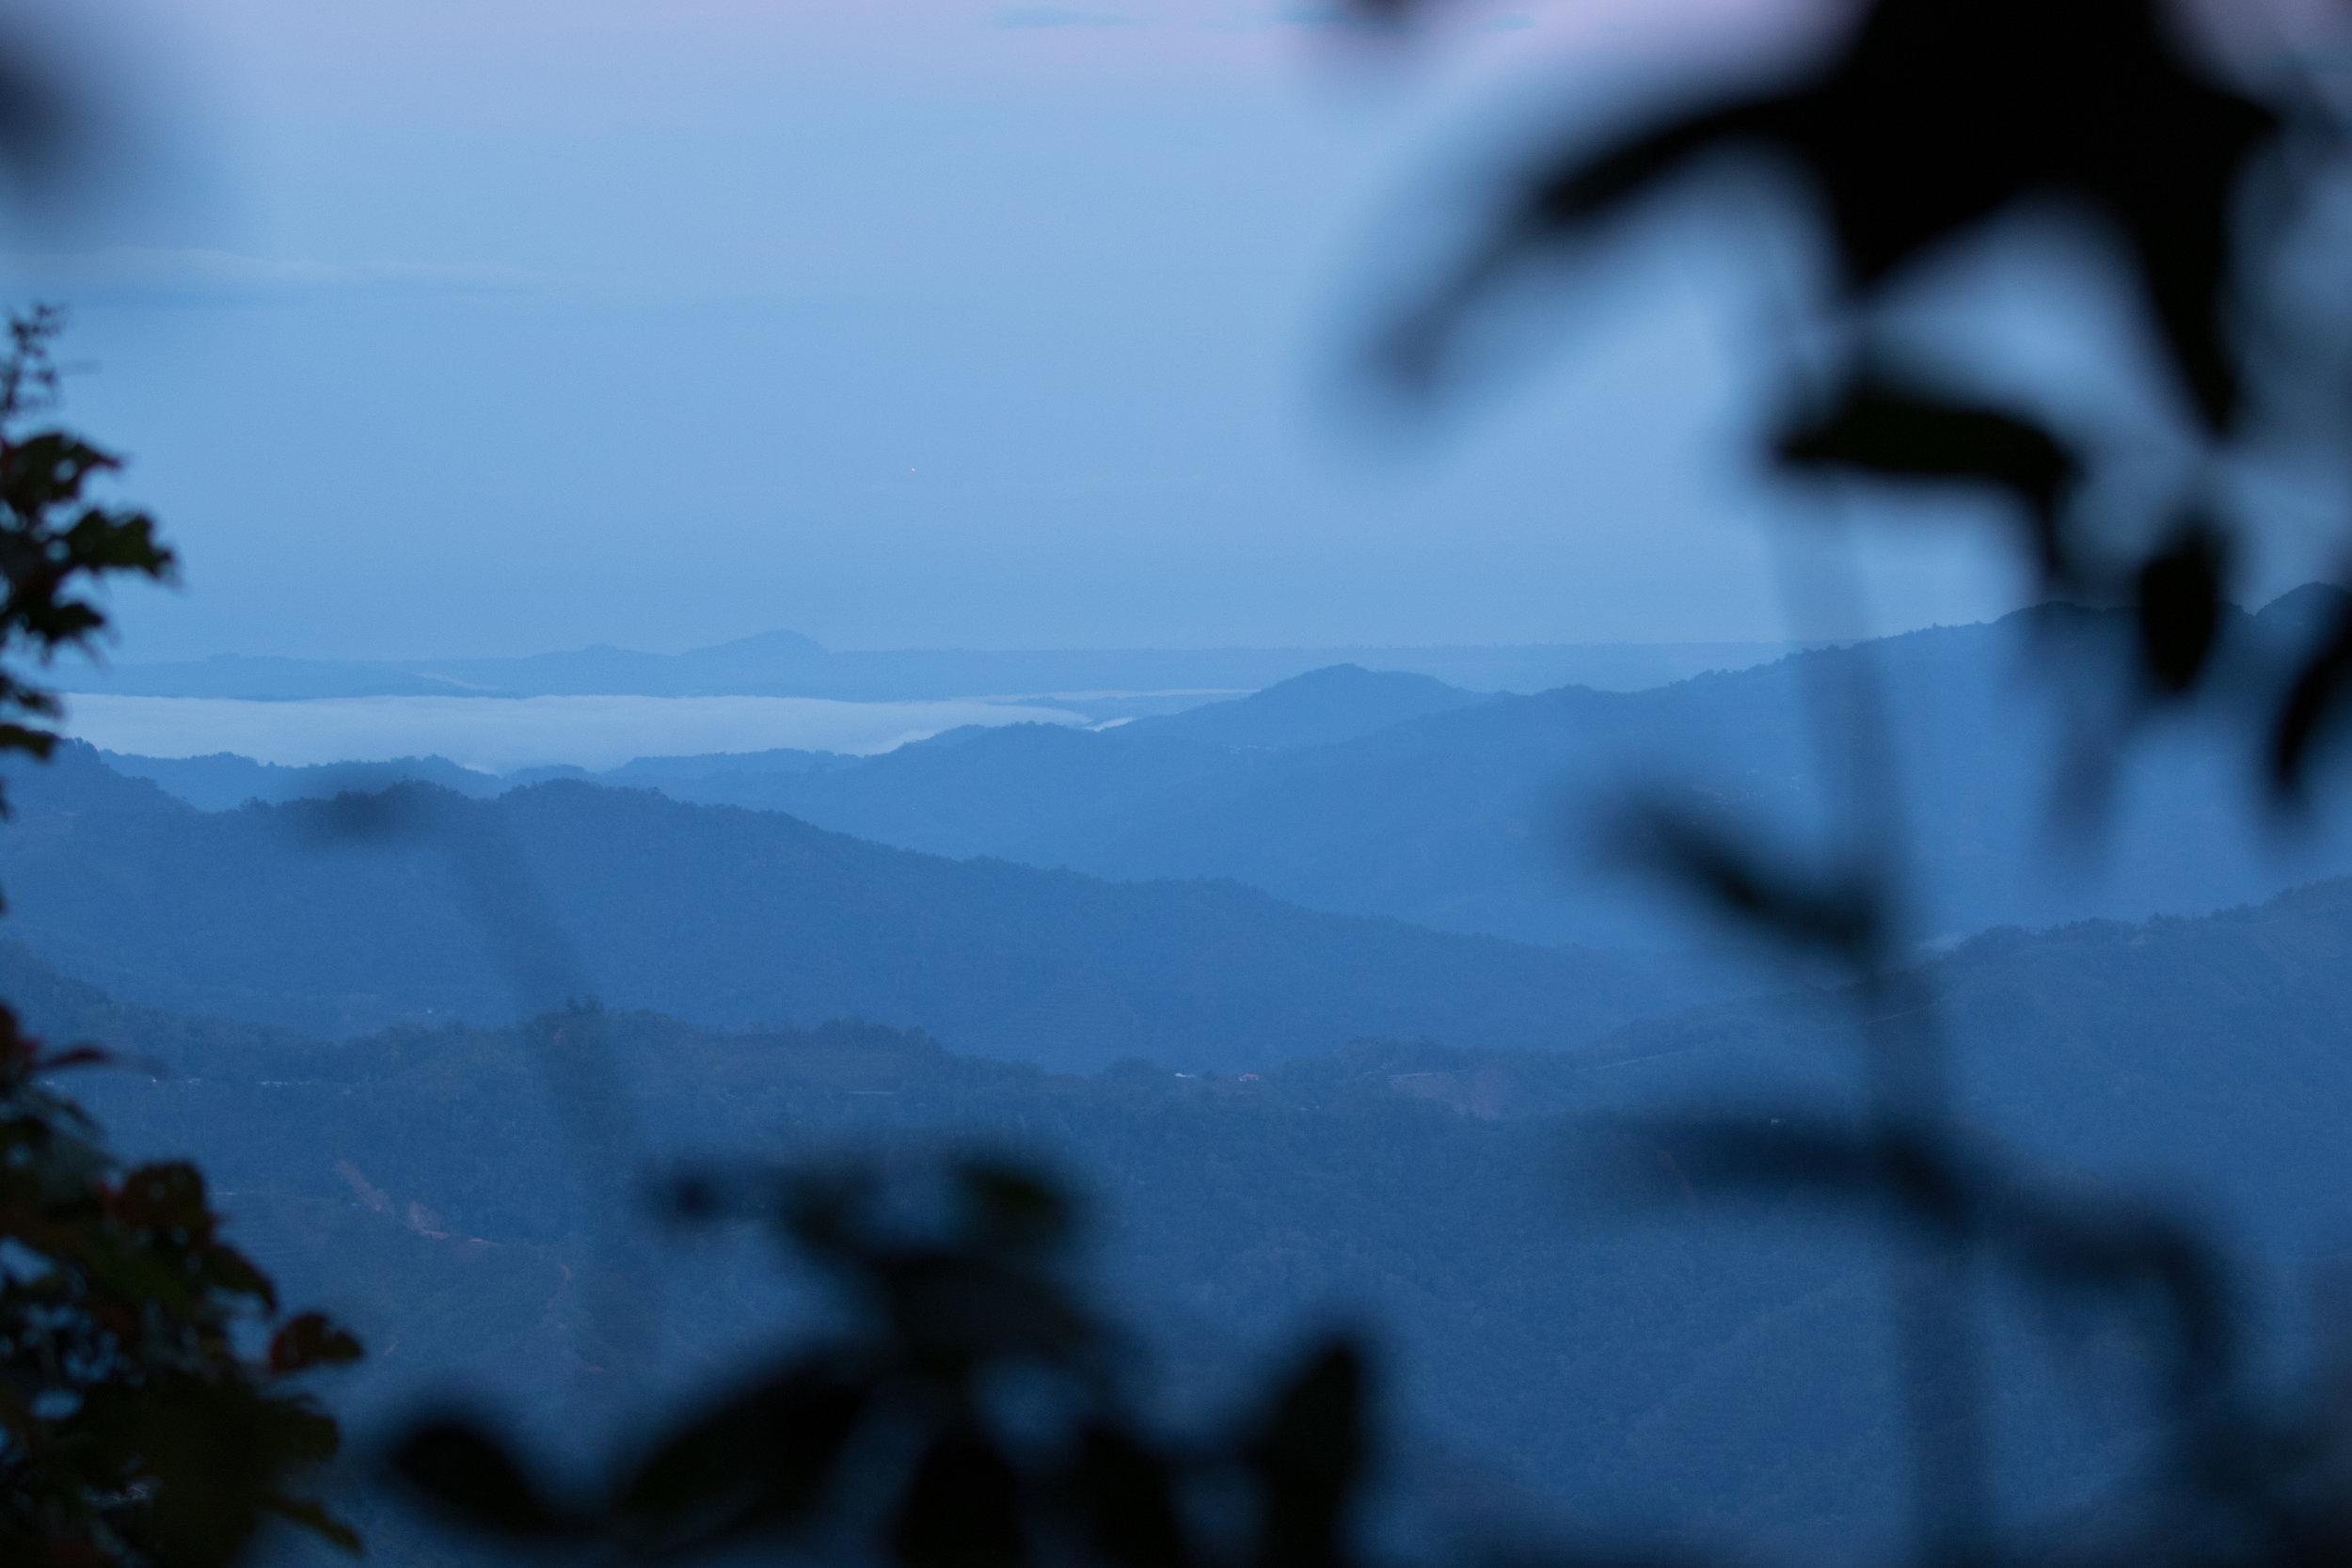 Good morning, Borneo